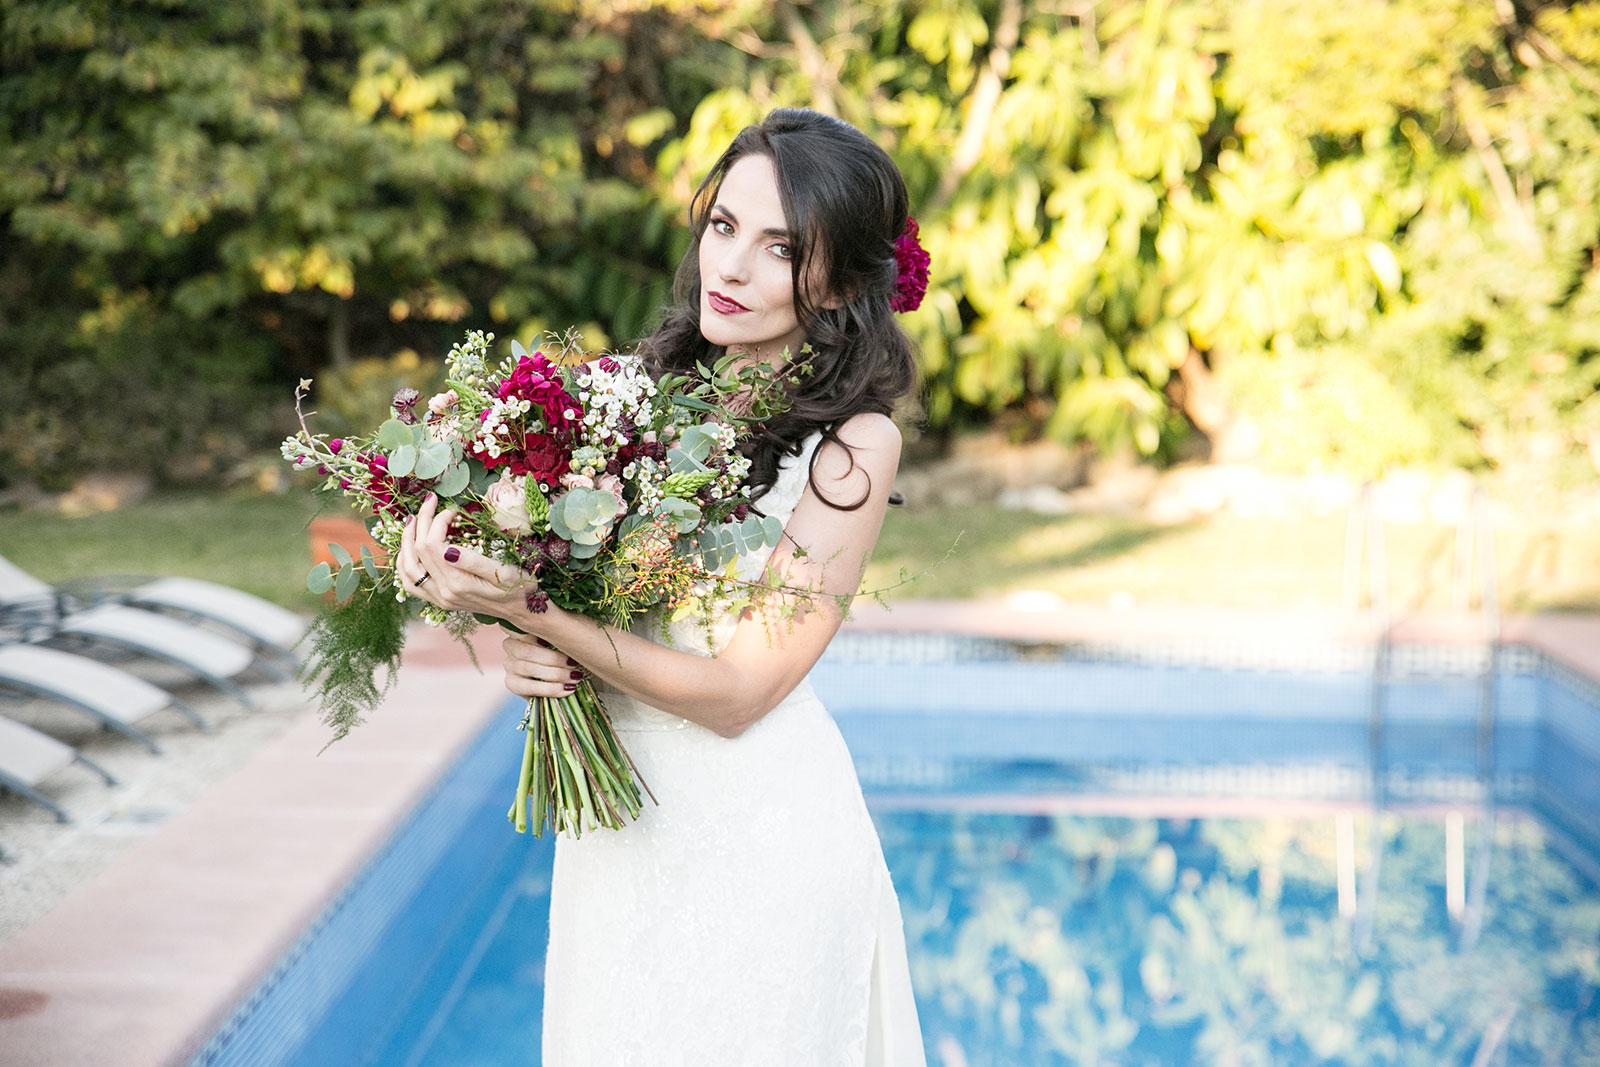 Polski fotograf ślubny w Barcelonie